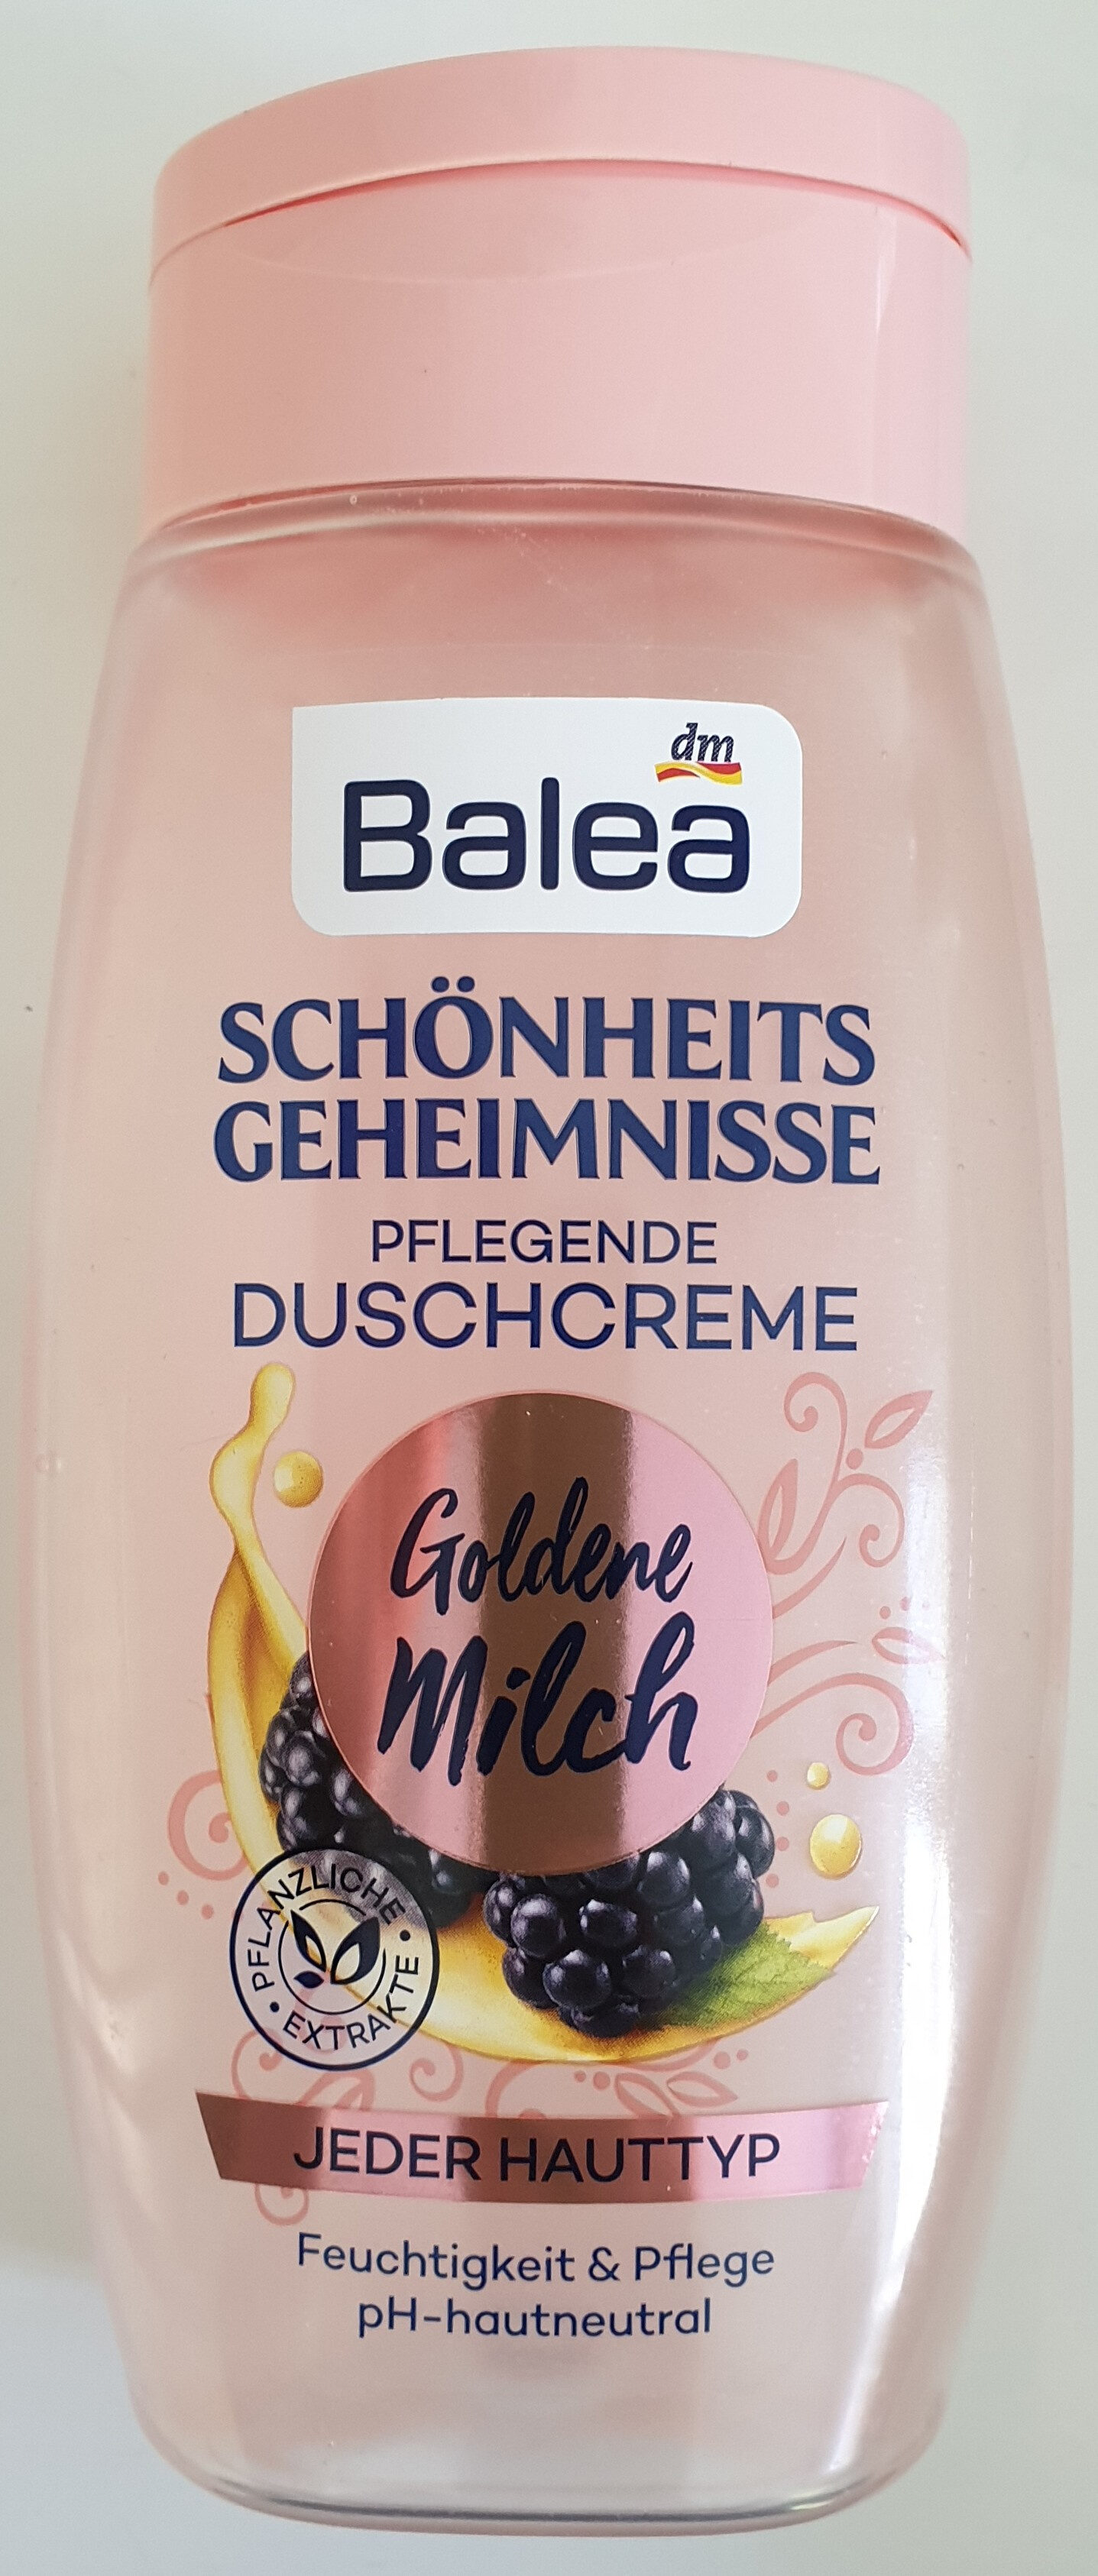 Schönheitsgeheimnisse Pflegende Duschcreme Goldene Milch - Product